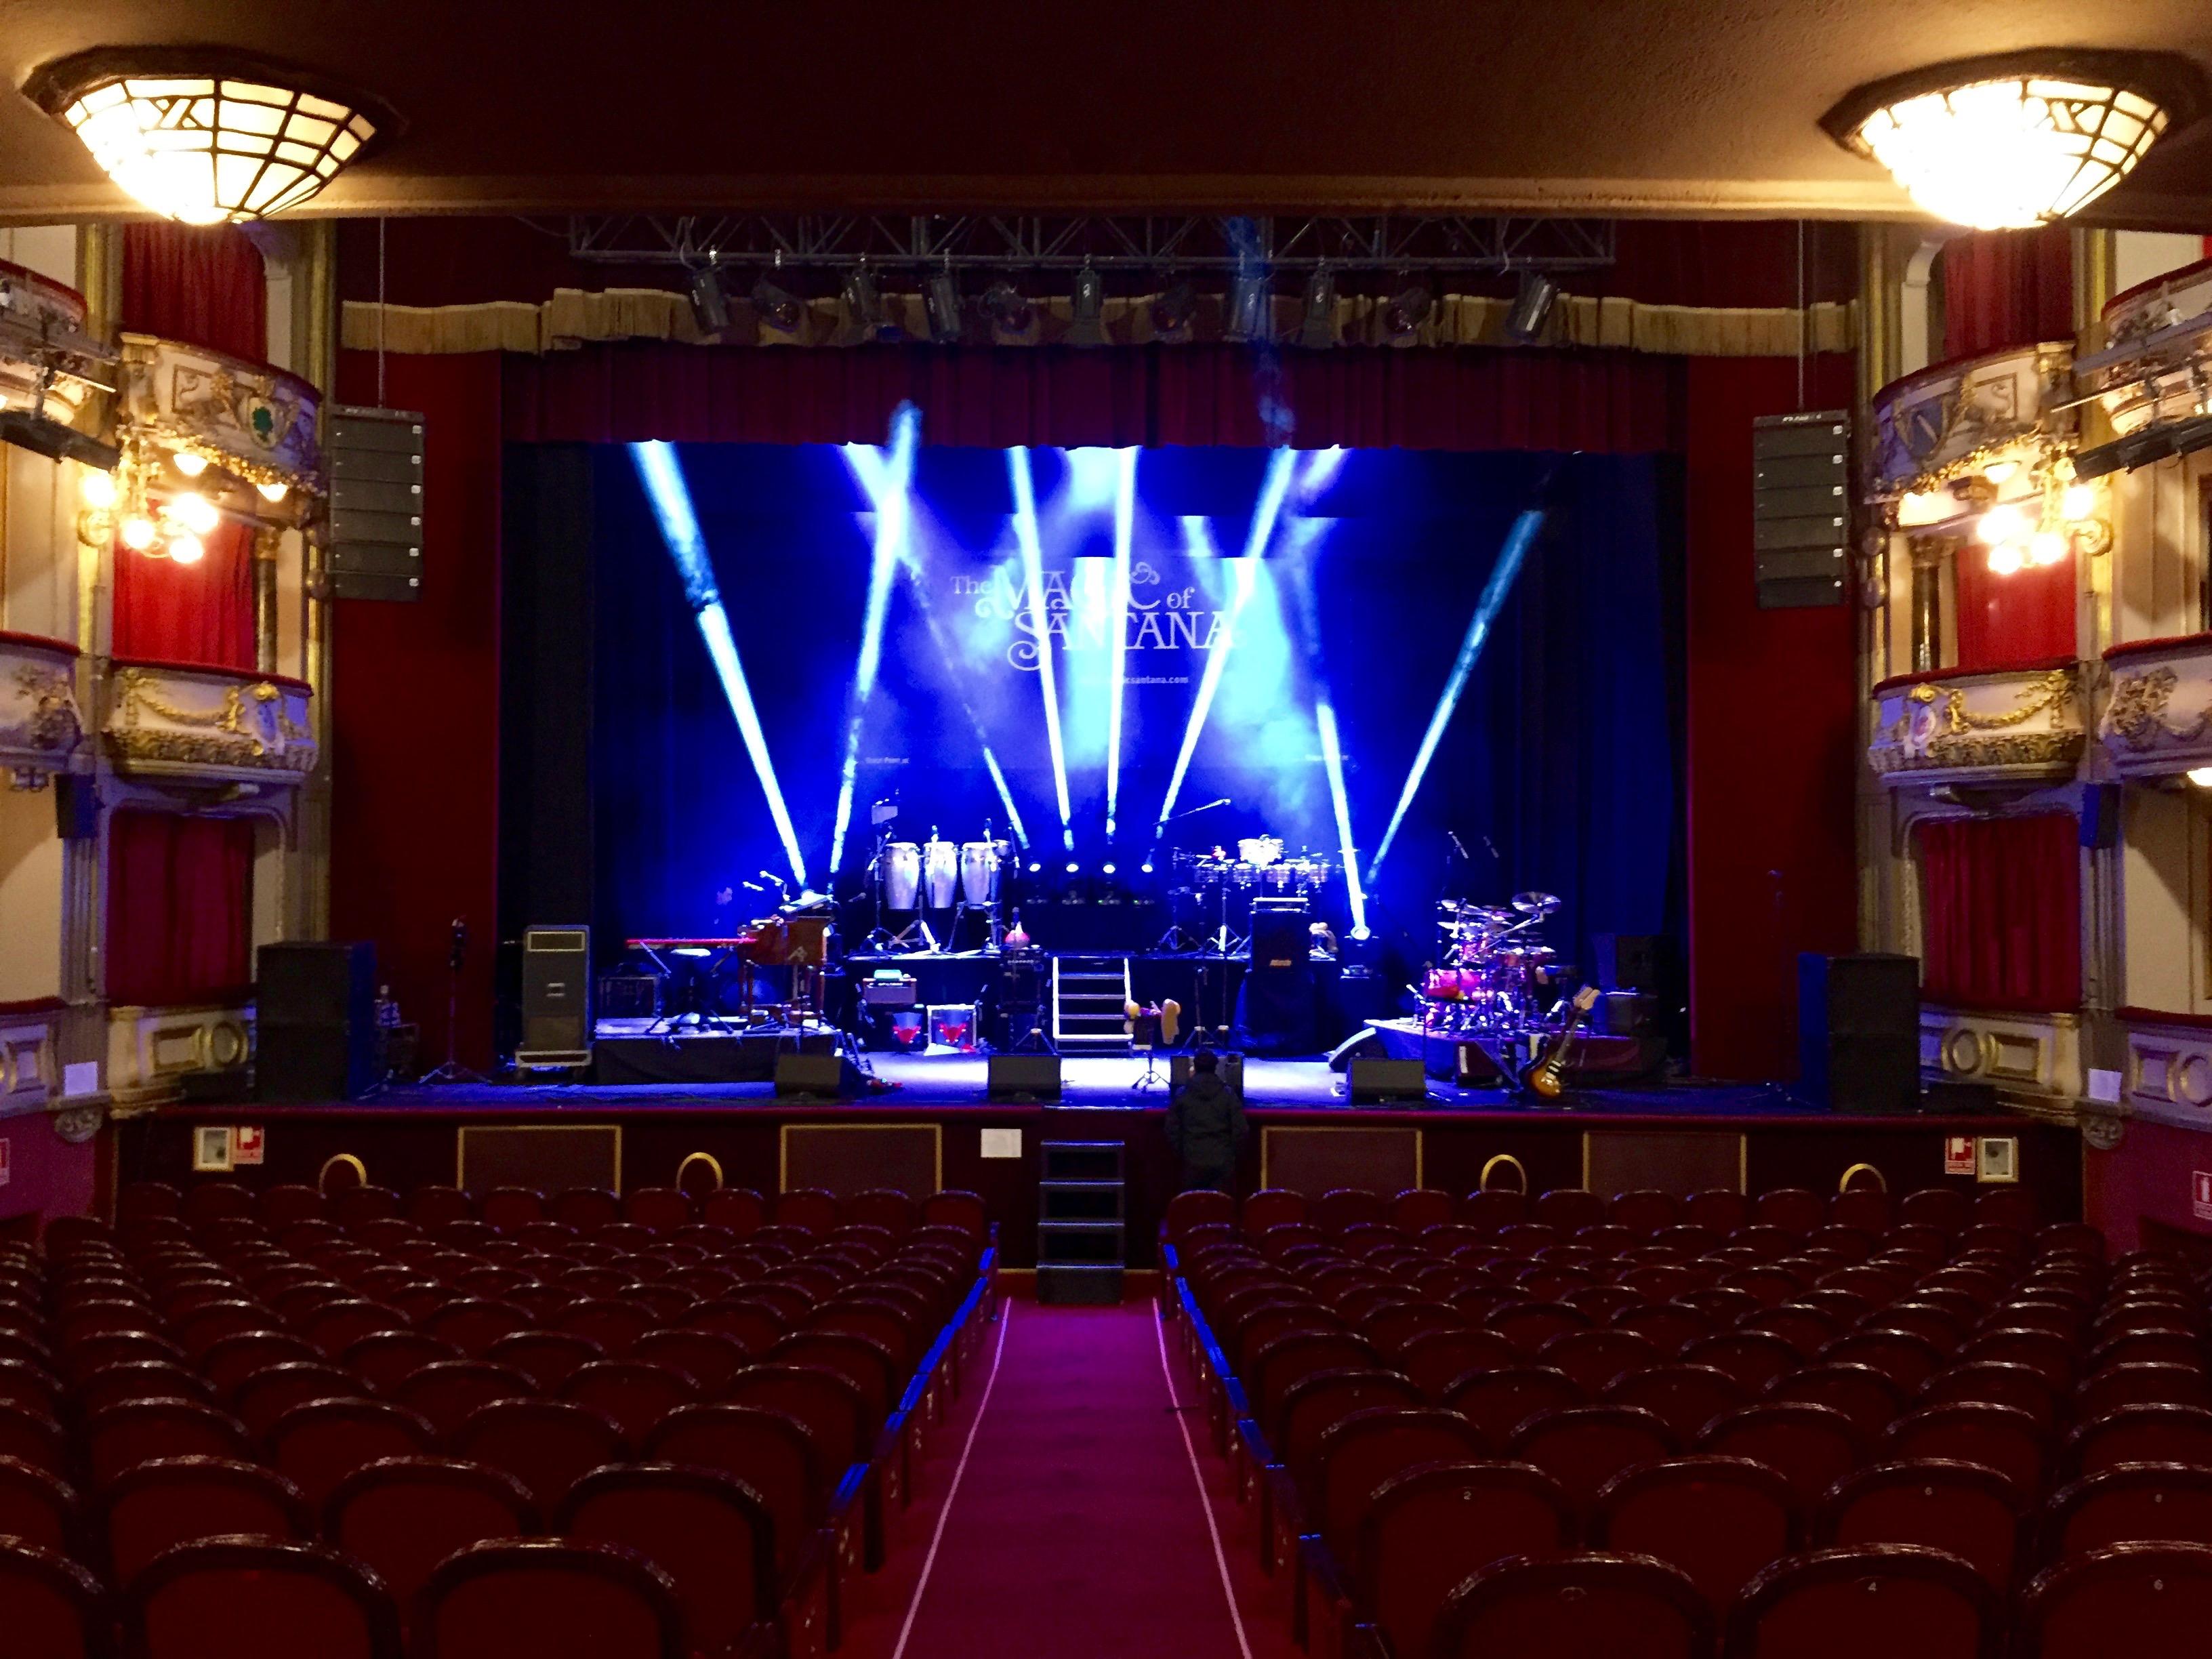 Teatro Calderon, Madrid